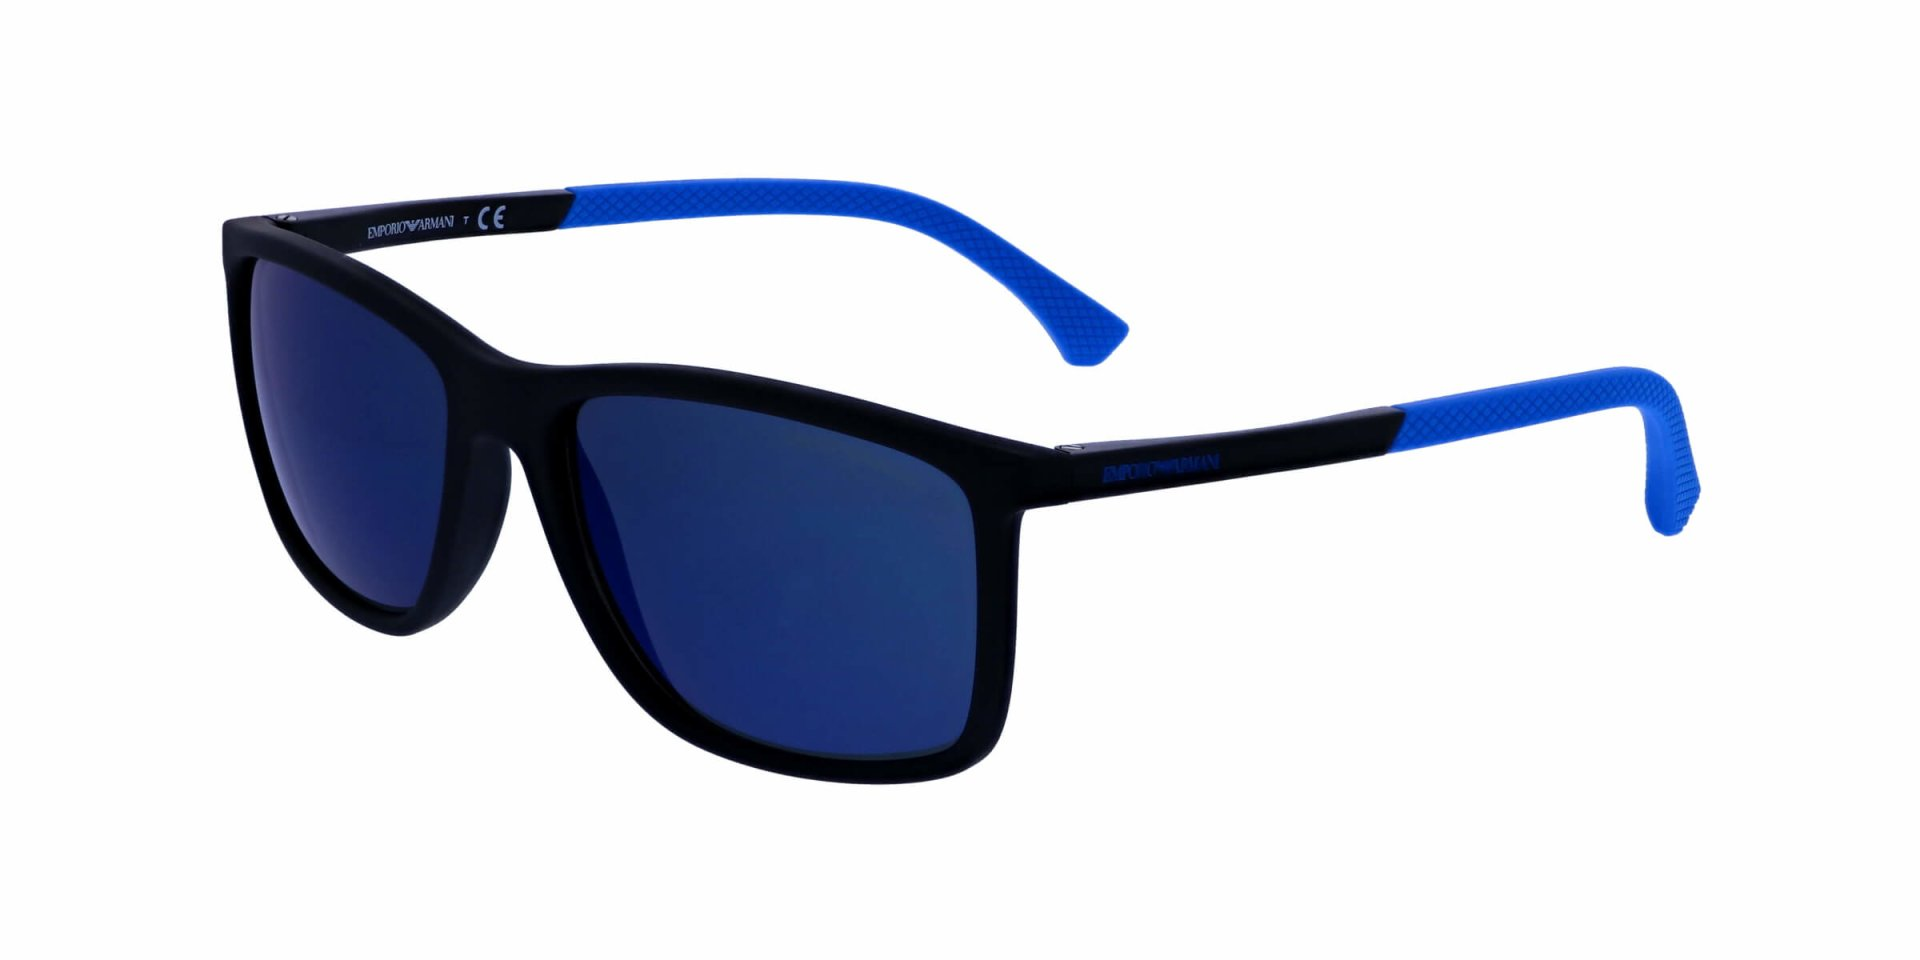 b0556751102d3 Sunglasses EMPORIO ARMANI